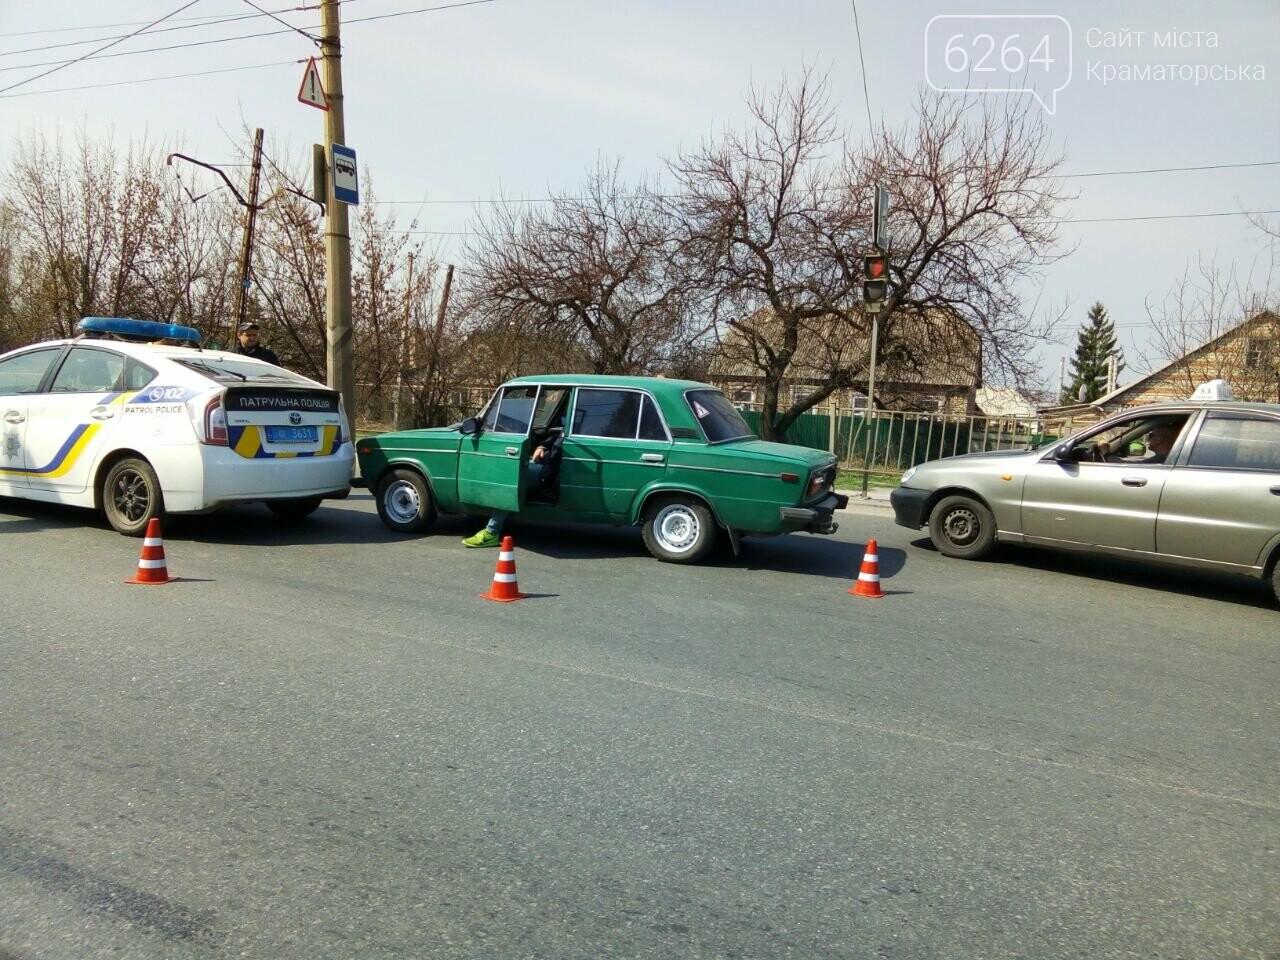 В Краматорске «ВАЗ» наехал на служебное авто патрульных (ОБНОВЛЕНО), фото-1